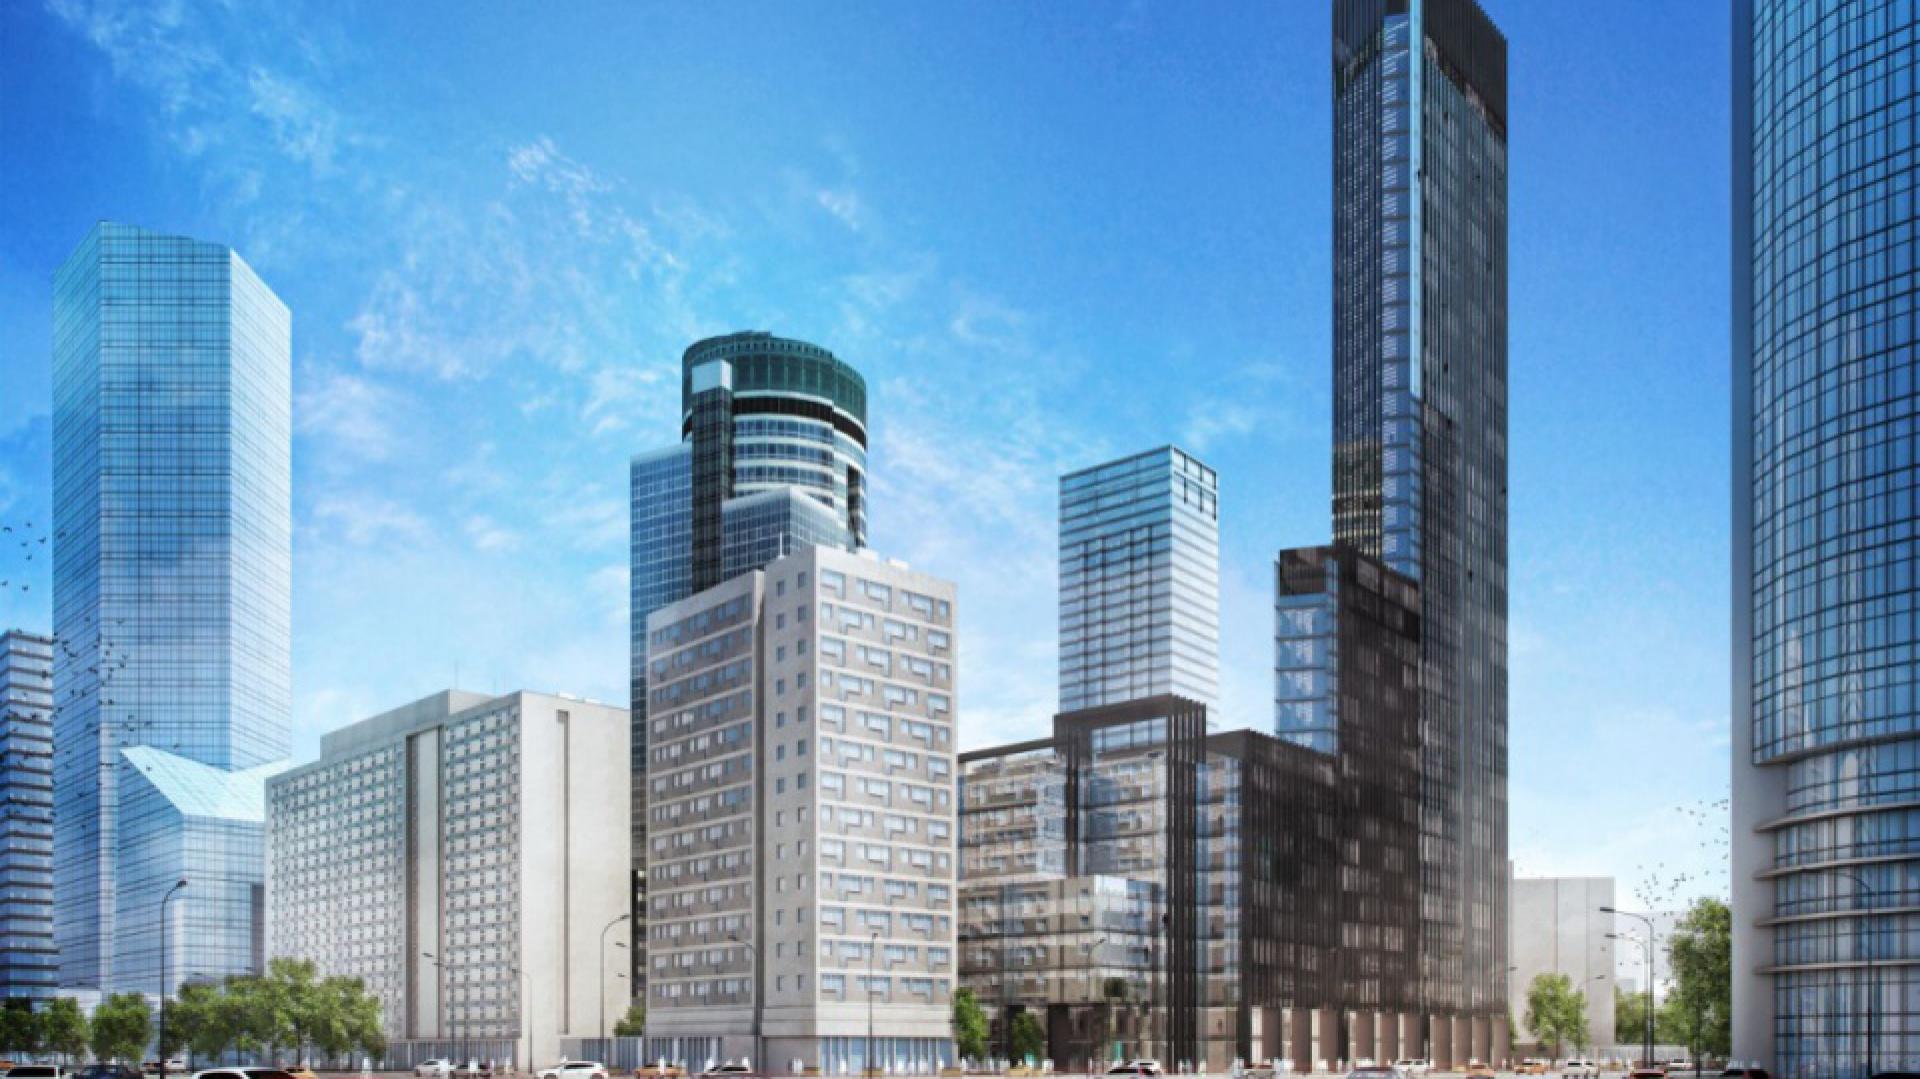 Wysokościowa inwestycja biurowa City Tower ma powstać na działce przy ul. Świętokrzyskiej 36 w warszawskim Centralnym Obszarze Biznesu. Pracownia PBPA intensywnie pracuje nad koncepcją.